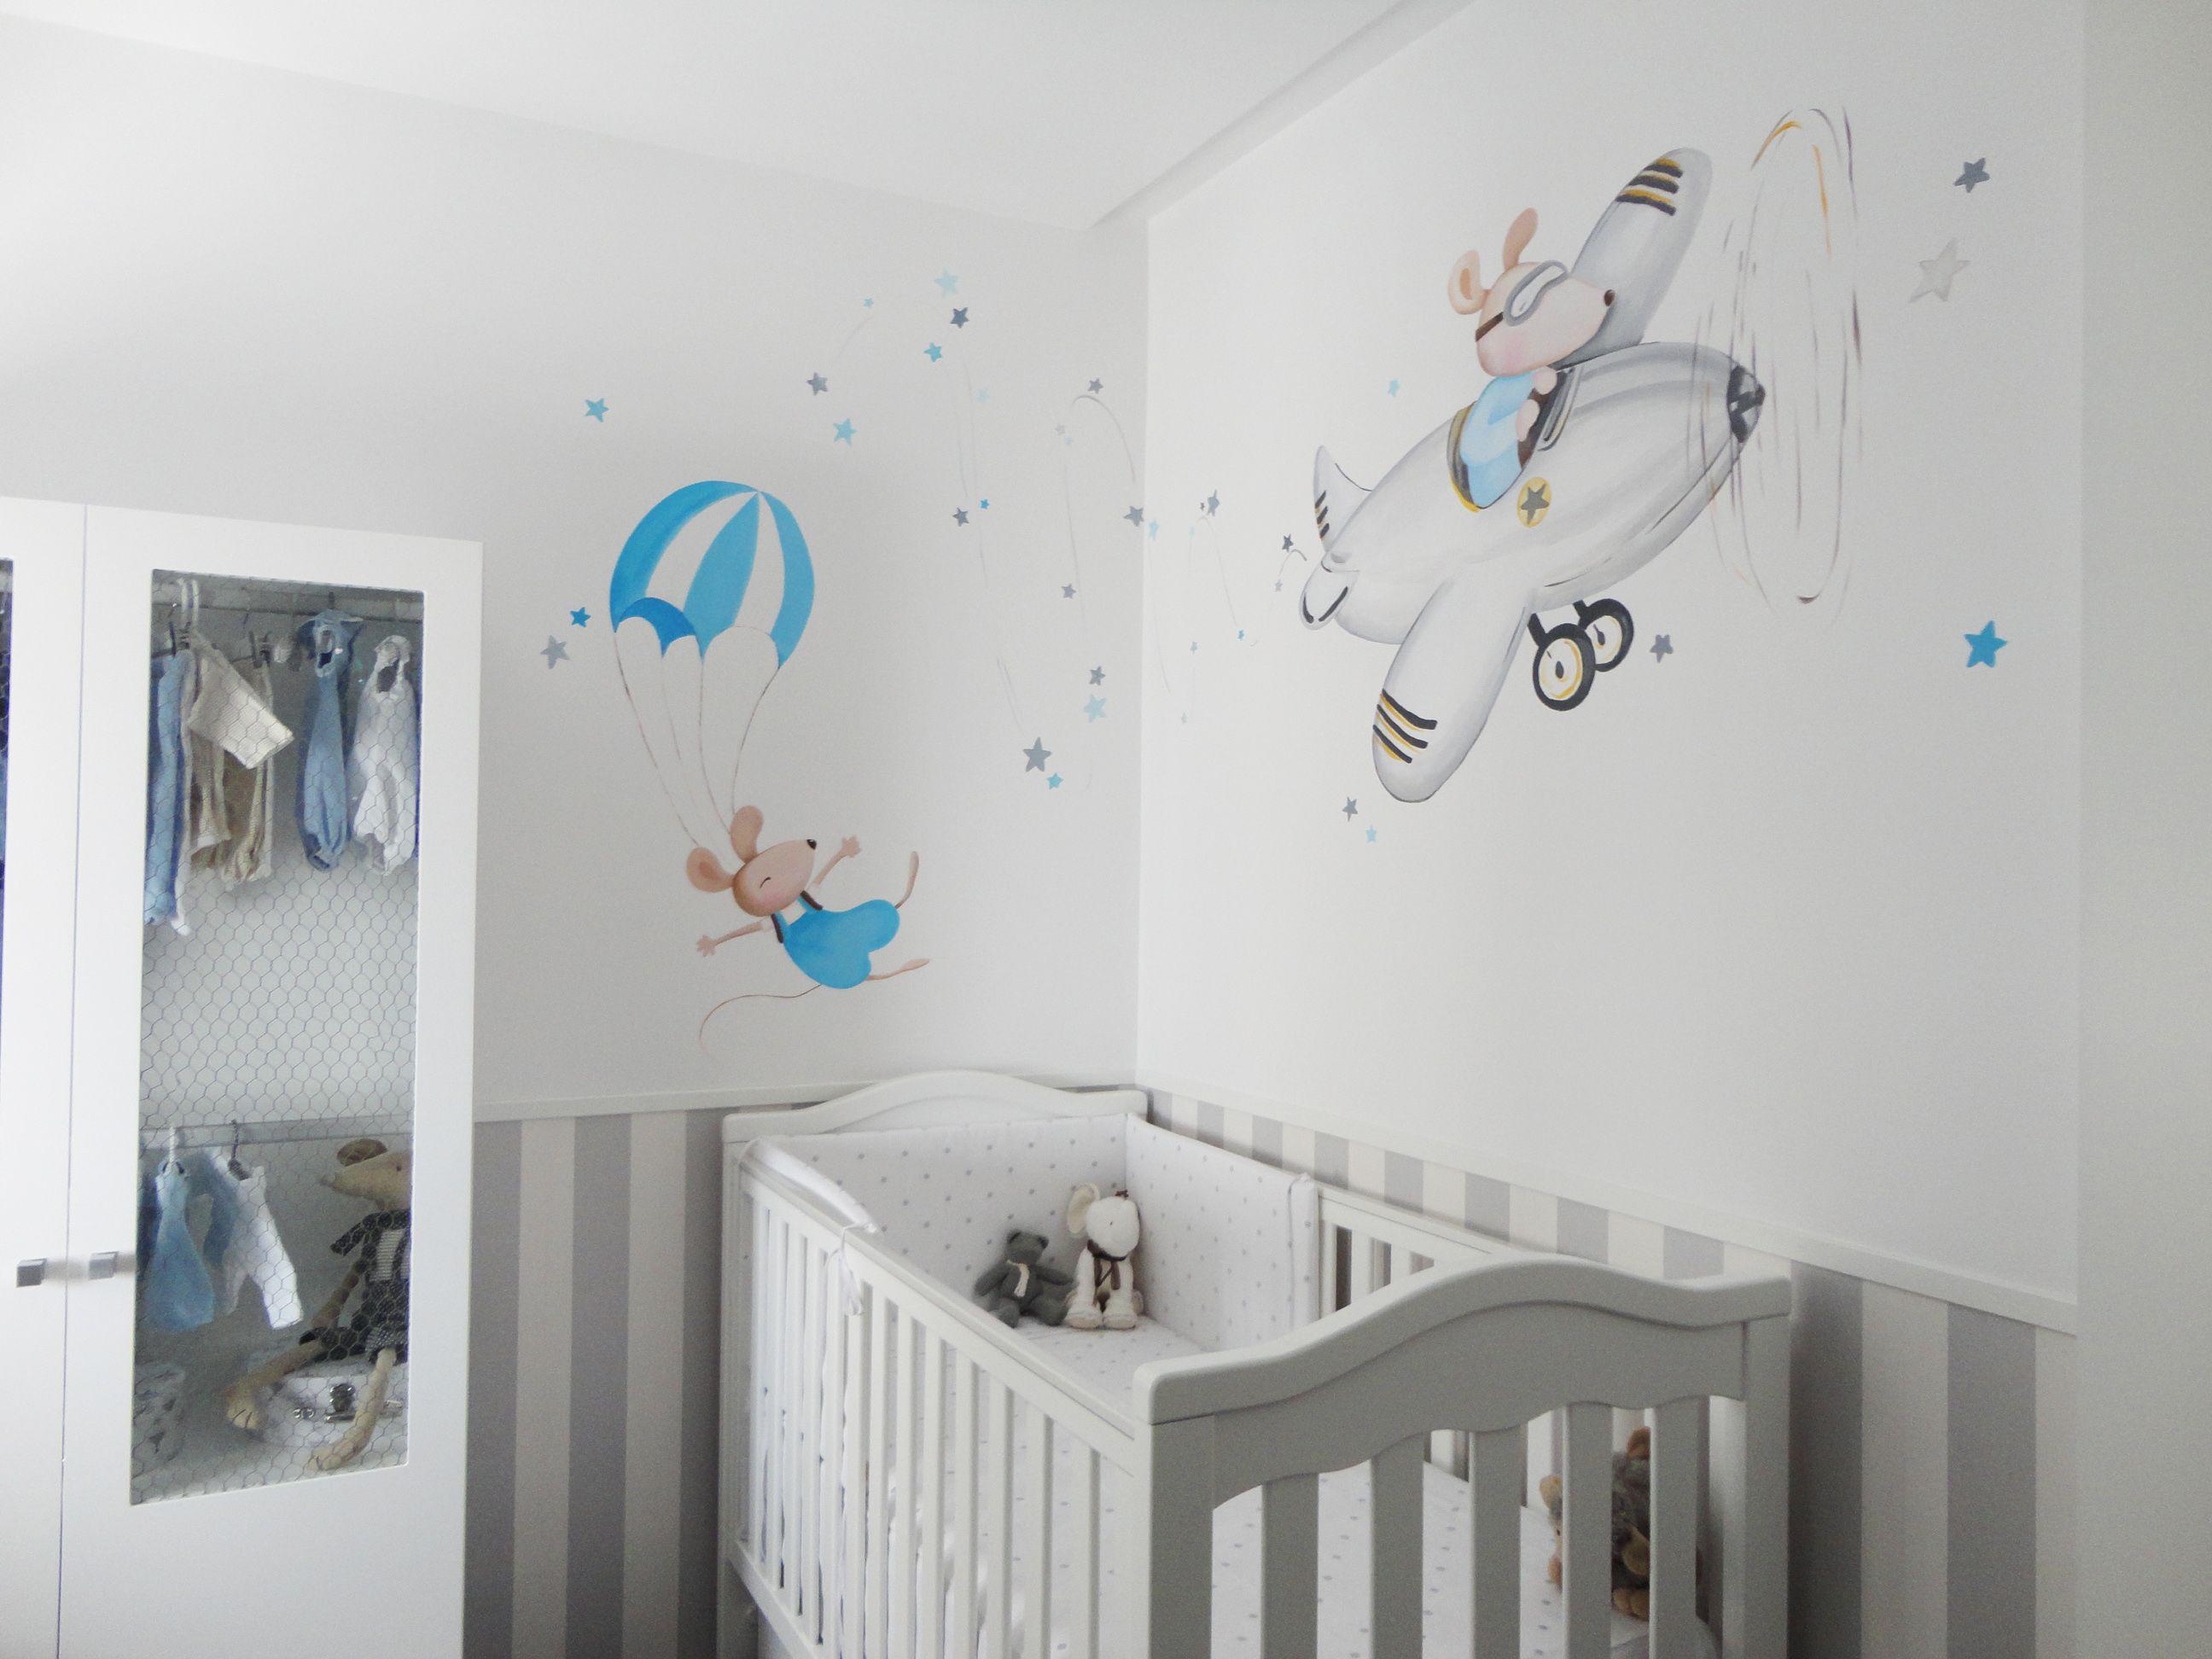 Mural ratoncitos en avion y en paracaidas morales - Decoraciones de paredes pintadas ...